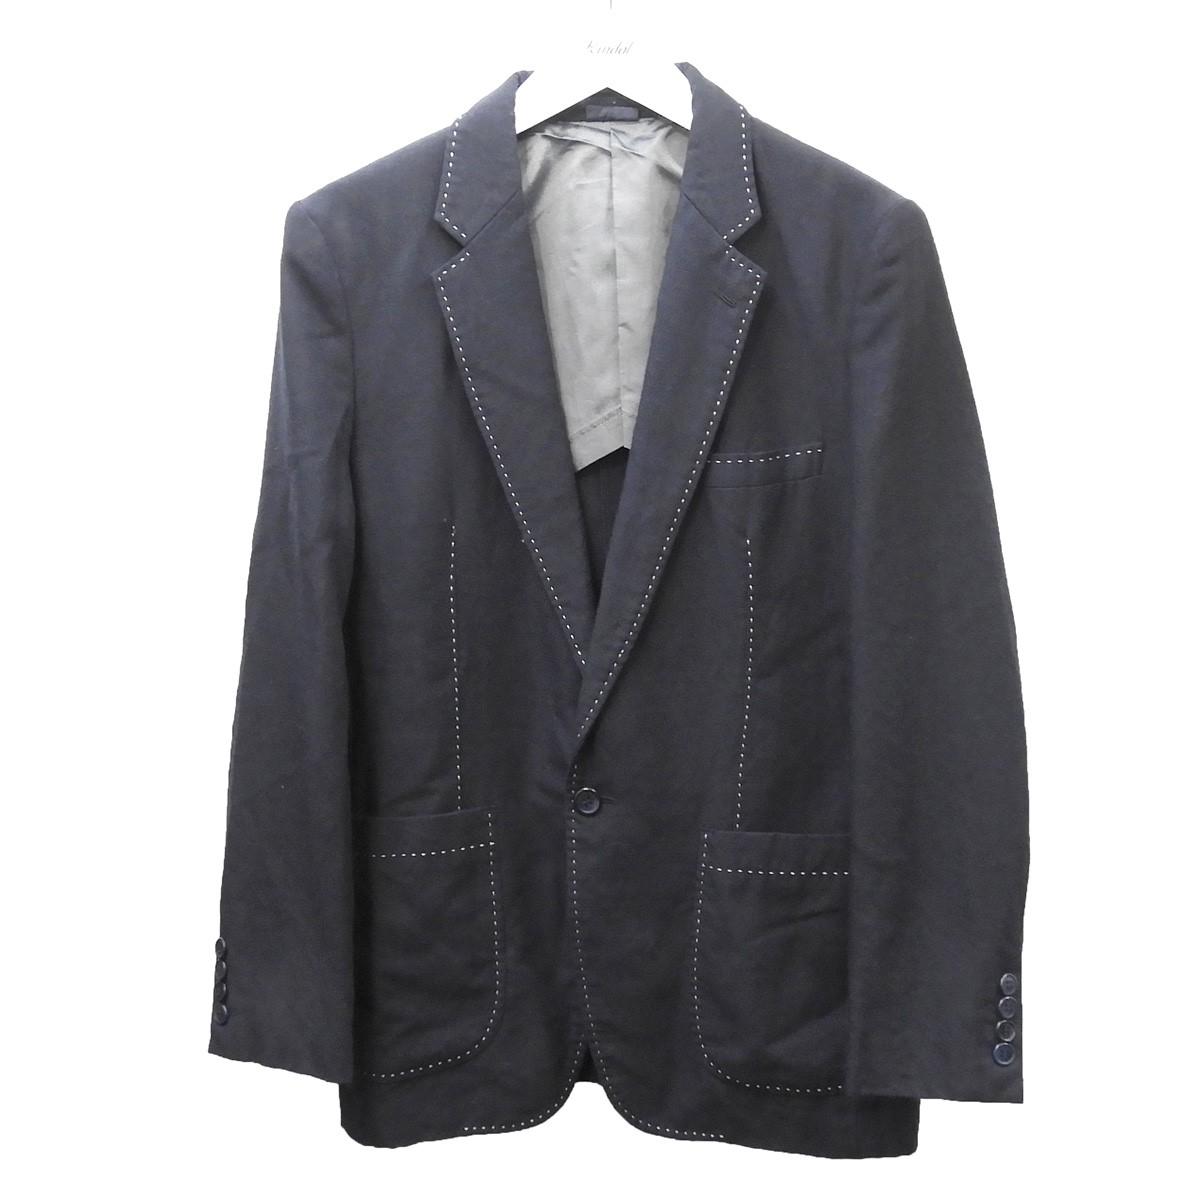 【中古】COMME des GARCONS HOMME DEUX 2013AW 染色加工ステッチデザインジャケット ネイビー サイズ:XS 【230720】(コムデギャルソンオムドゥ)